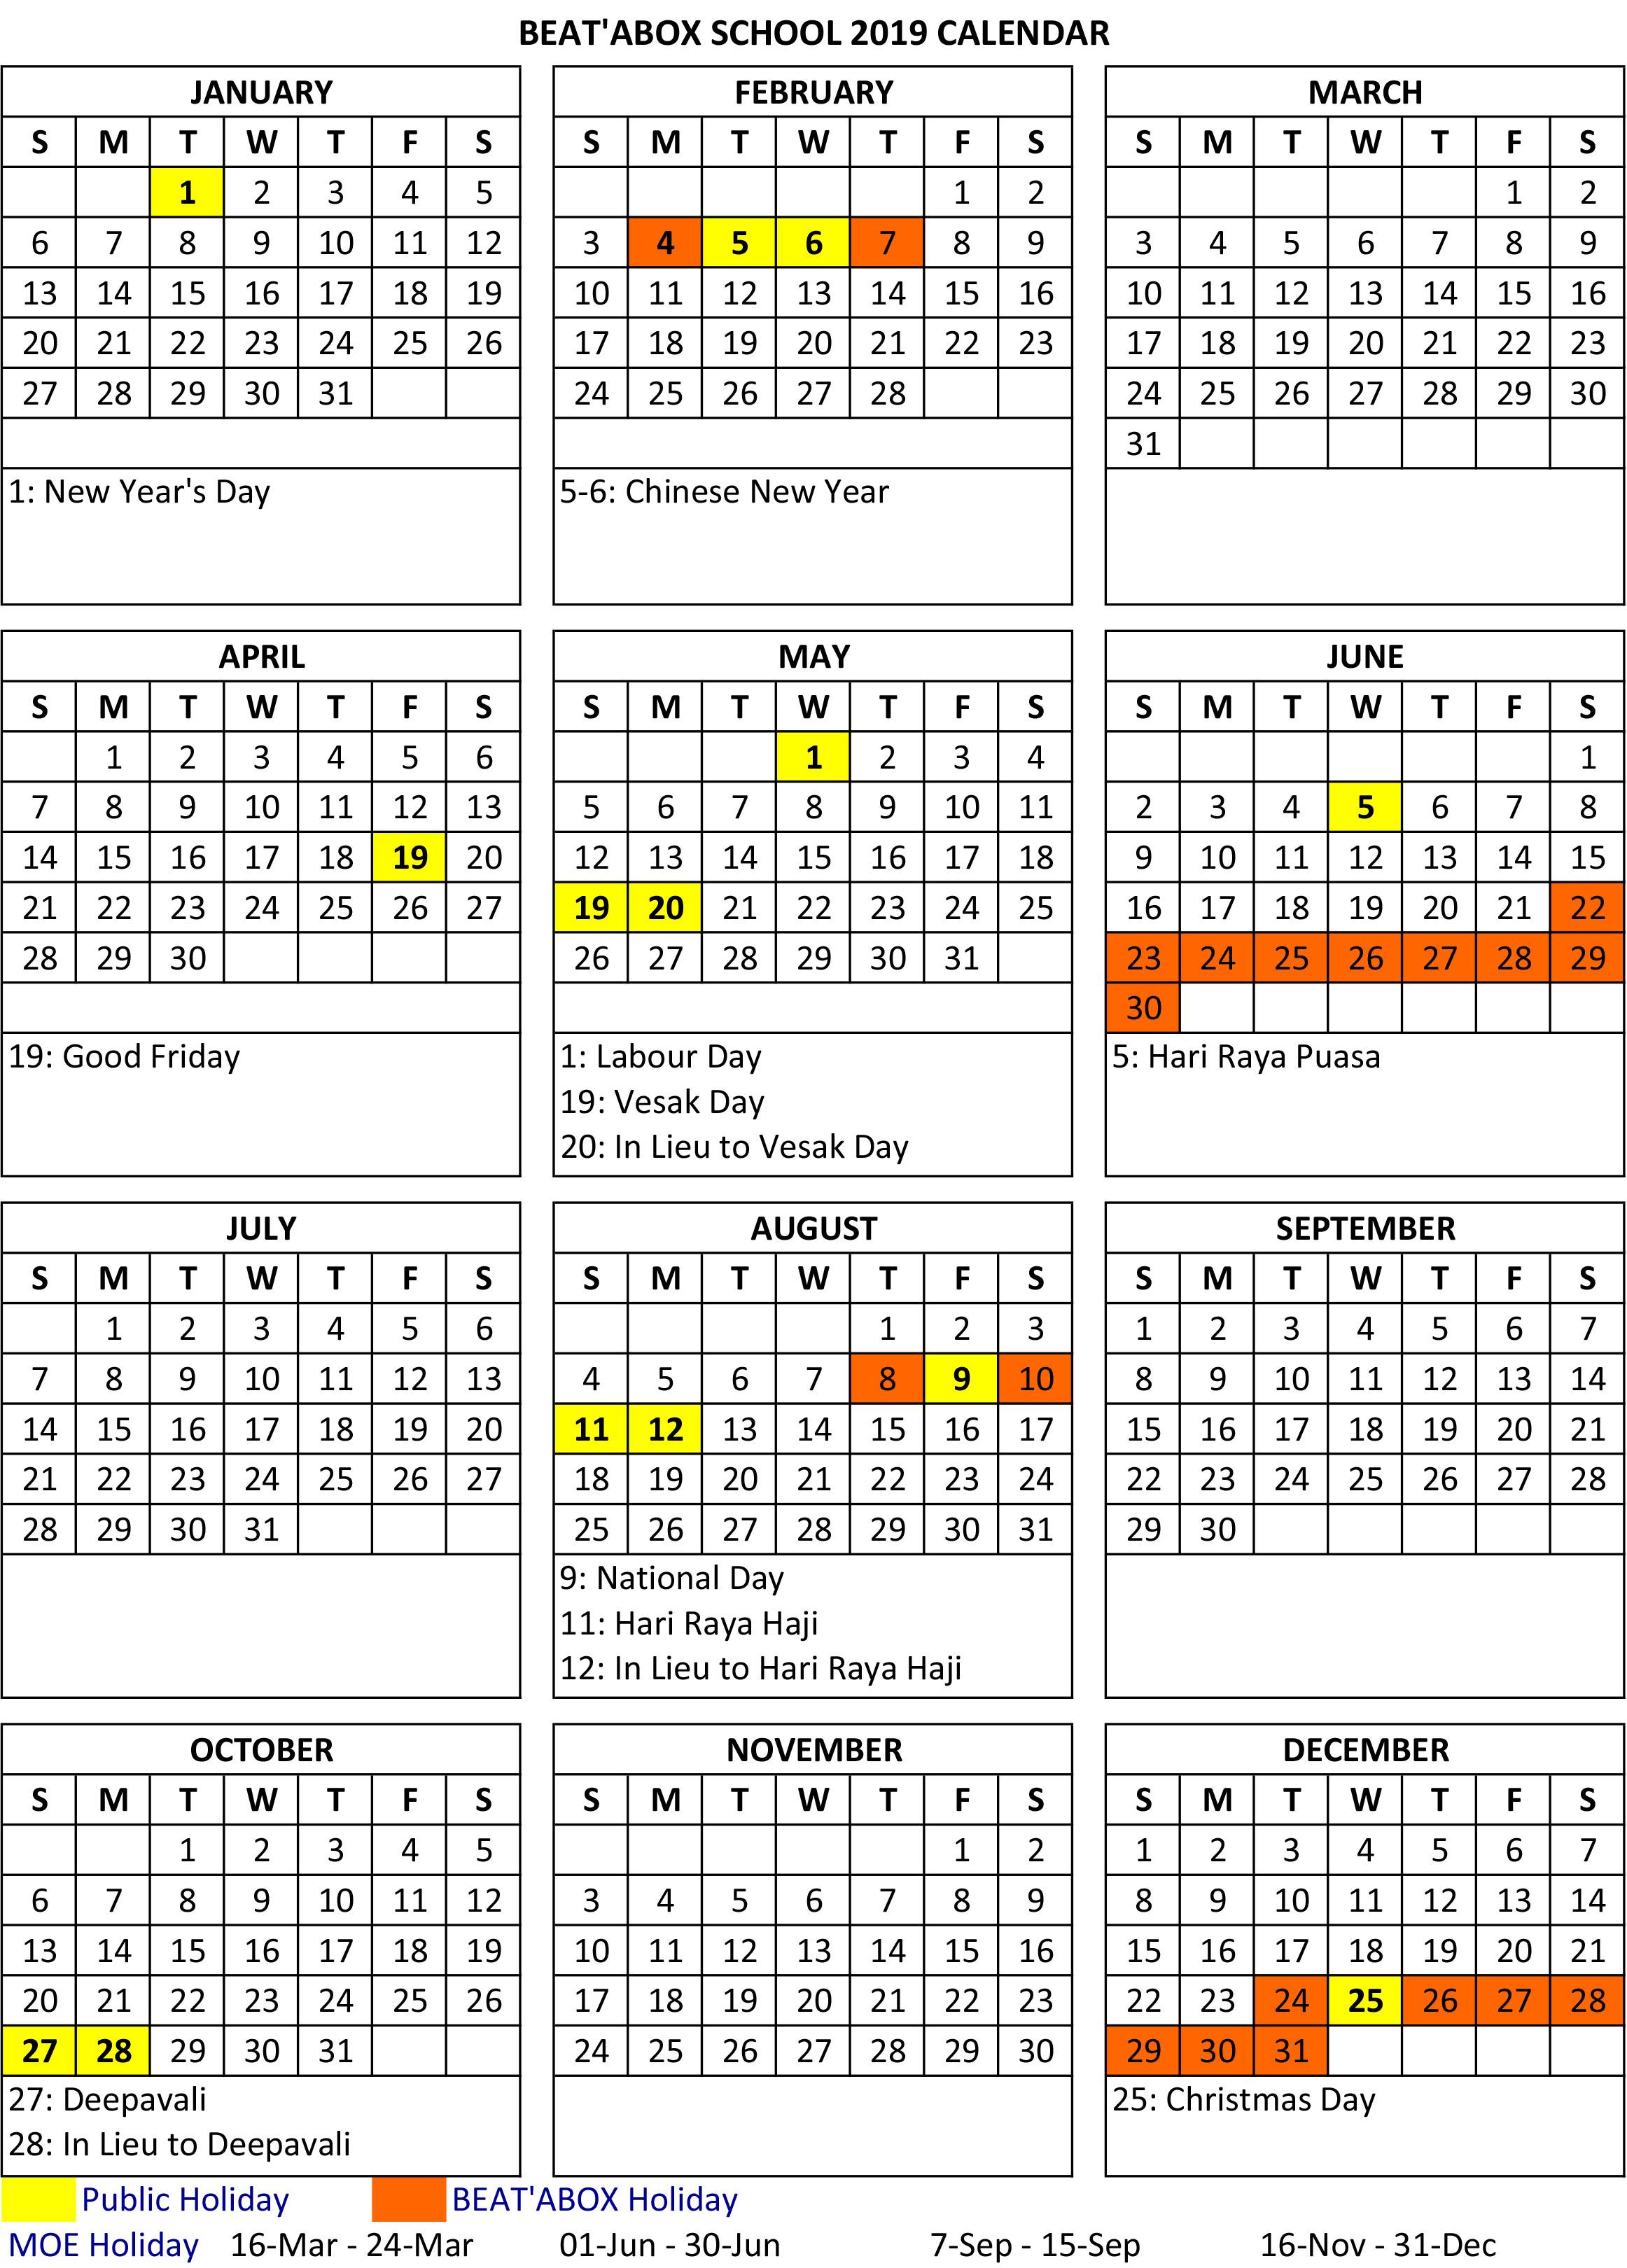 BEAT'ABOX SCHOOL CALENDAR 2019.jpg